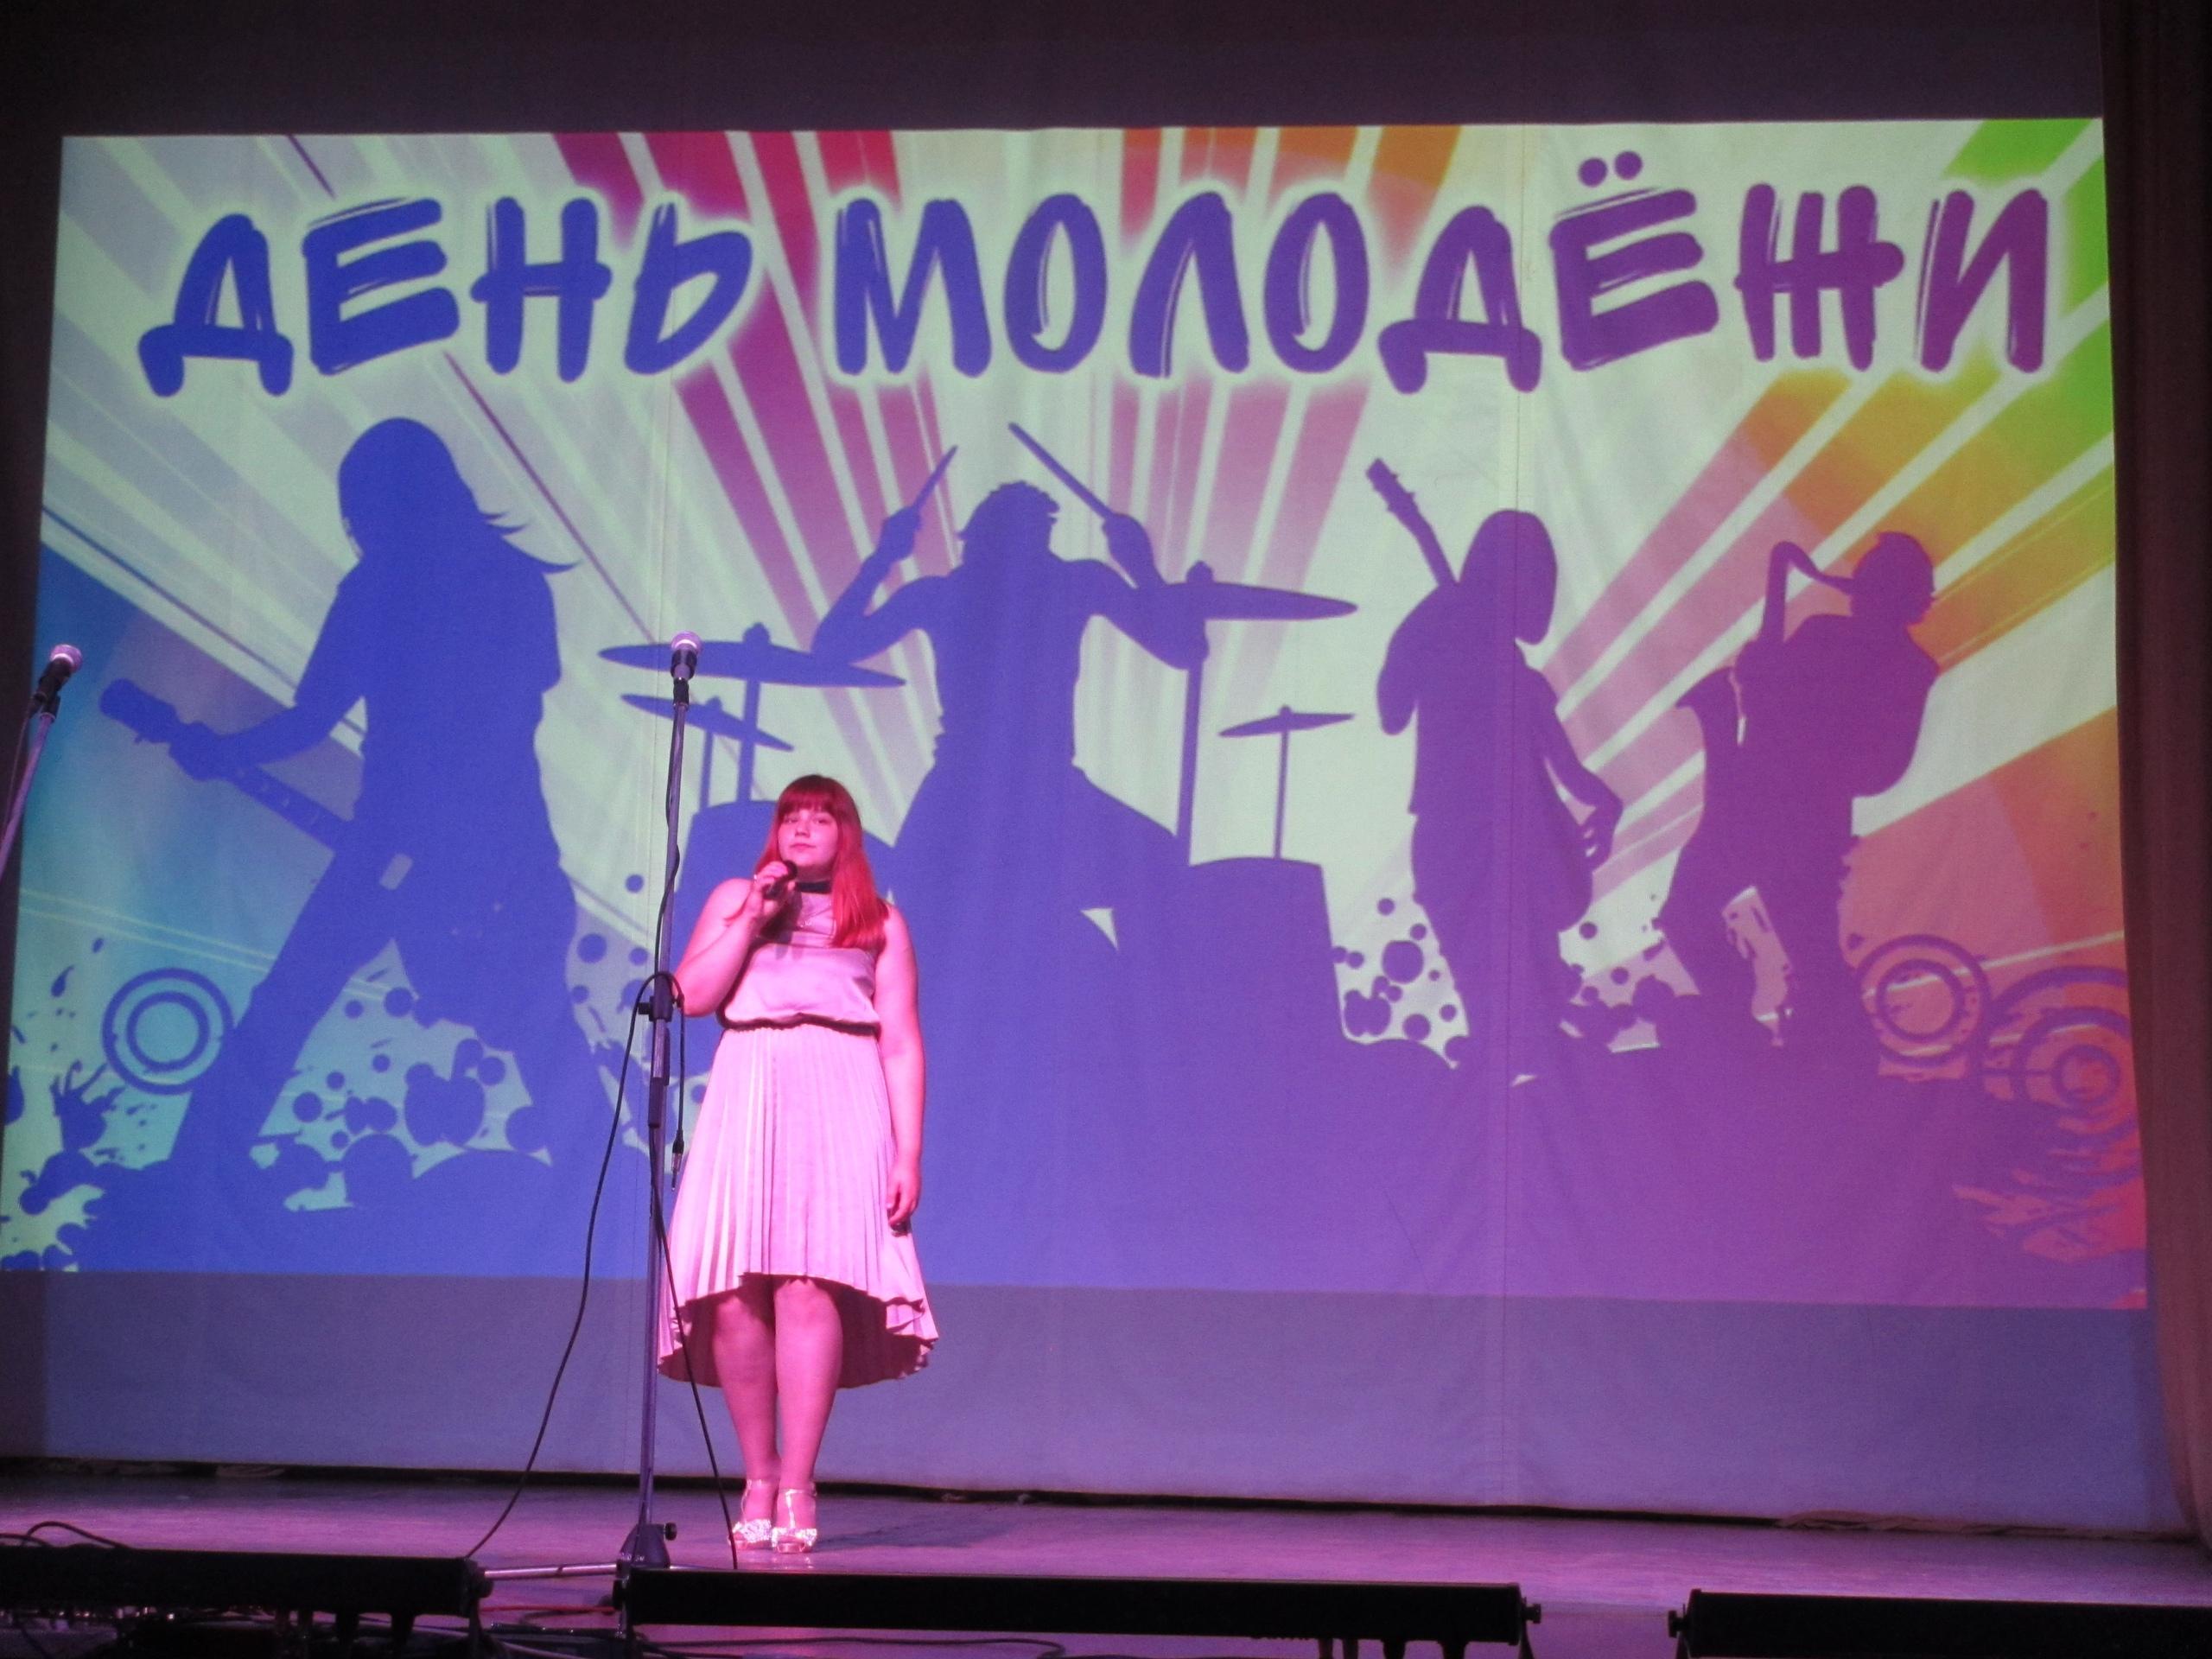 День молодёжи 2018 Сызрань Авангард